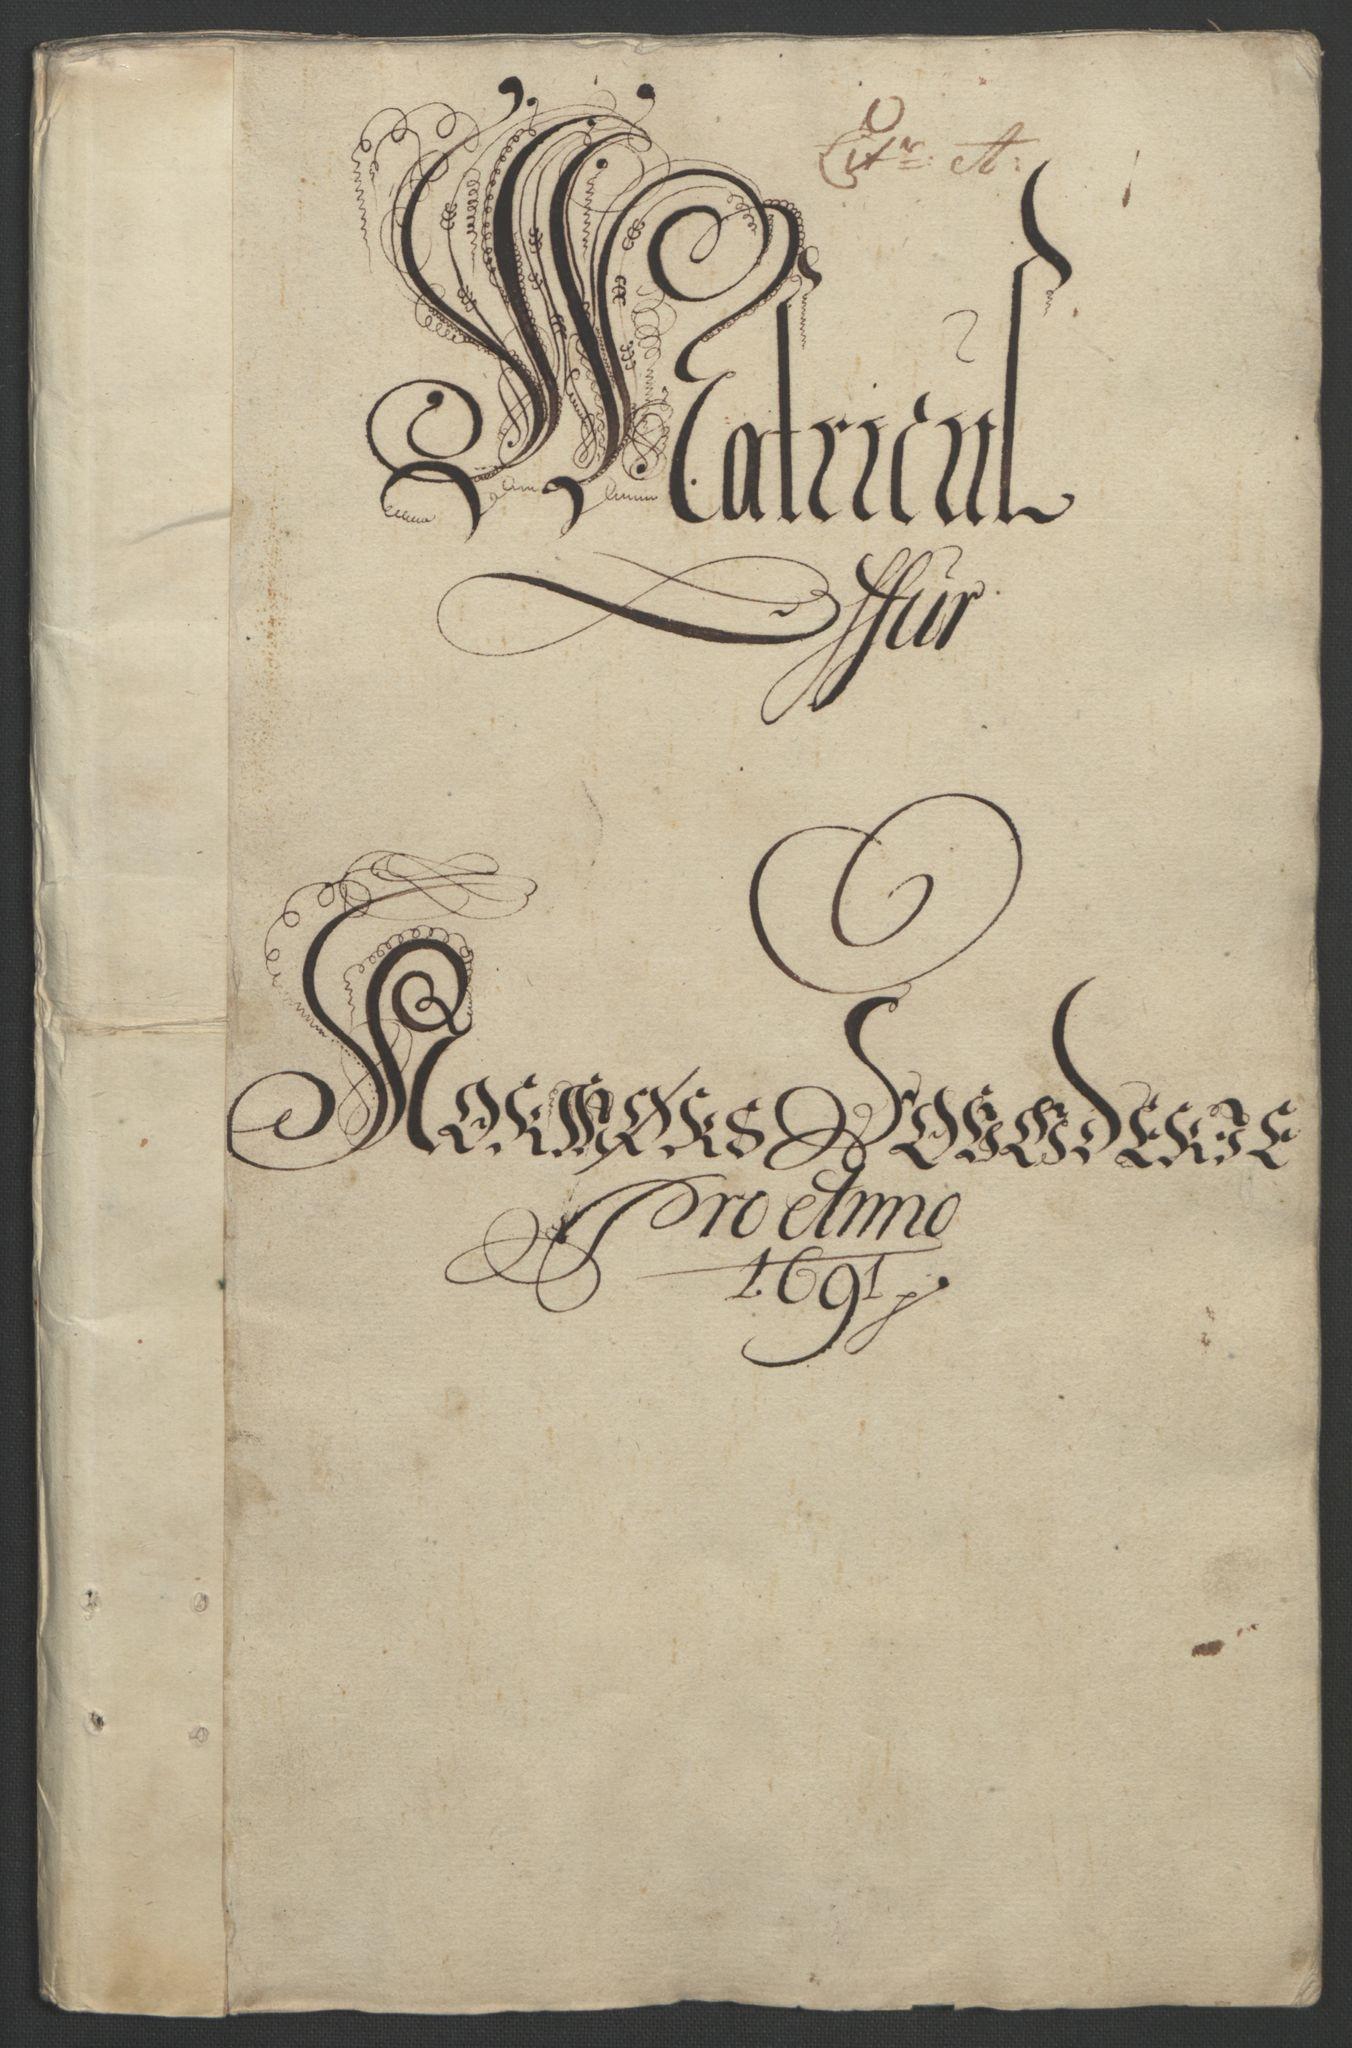 RA, Rentekammeret inntil 1814, Reviderte regnskaper, Fogderegnskap, R56/L3734: Fogderegnskap Nordmøre, 1690-1691, s. 228